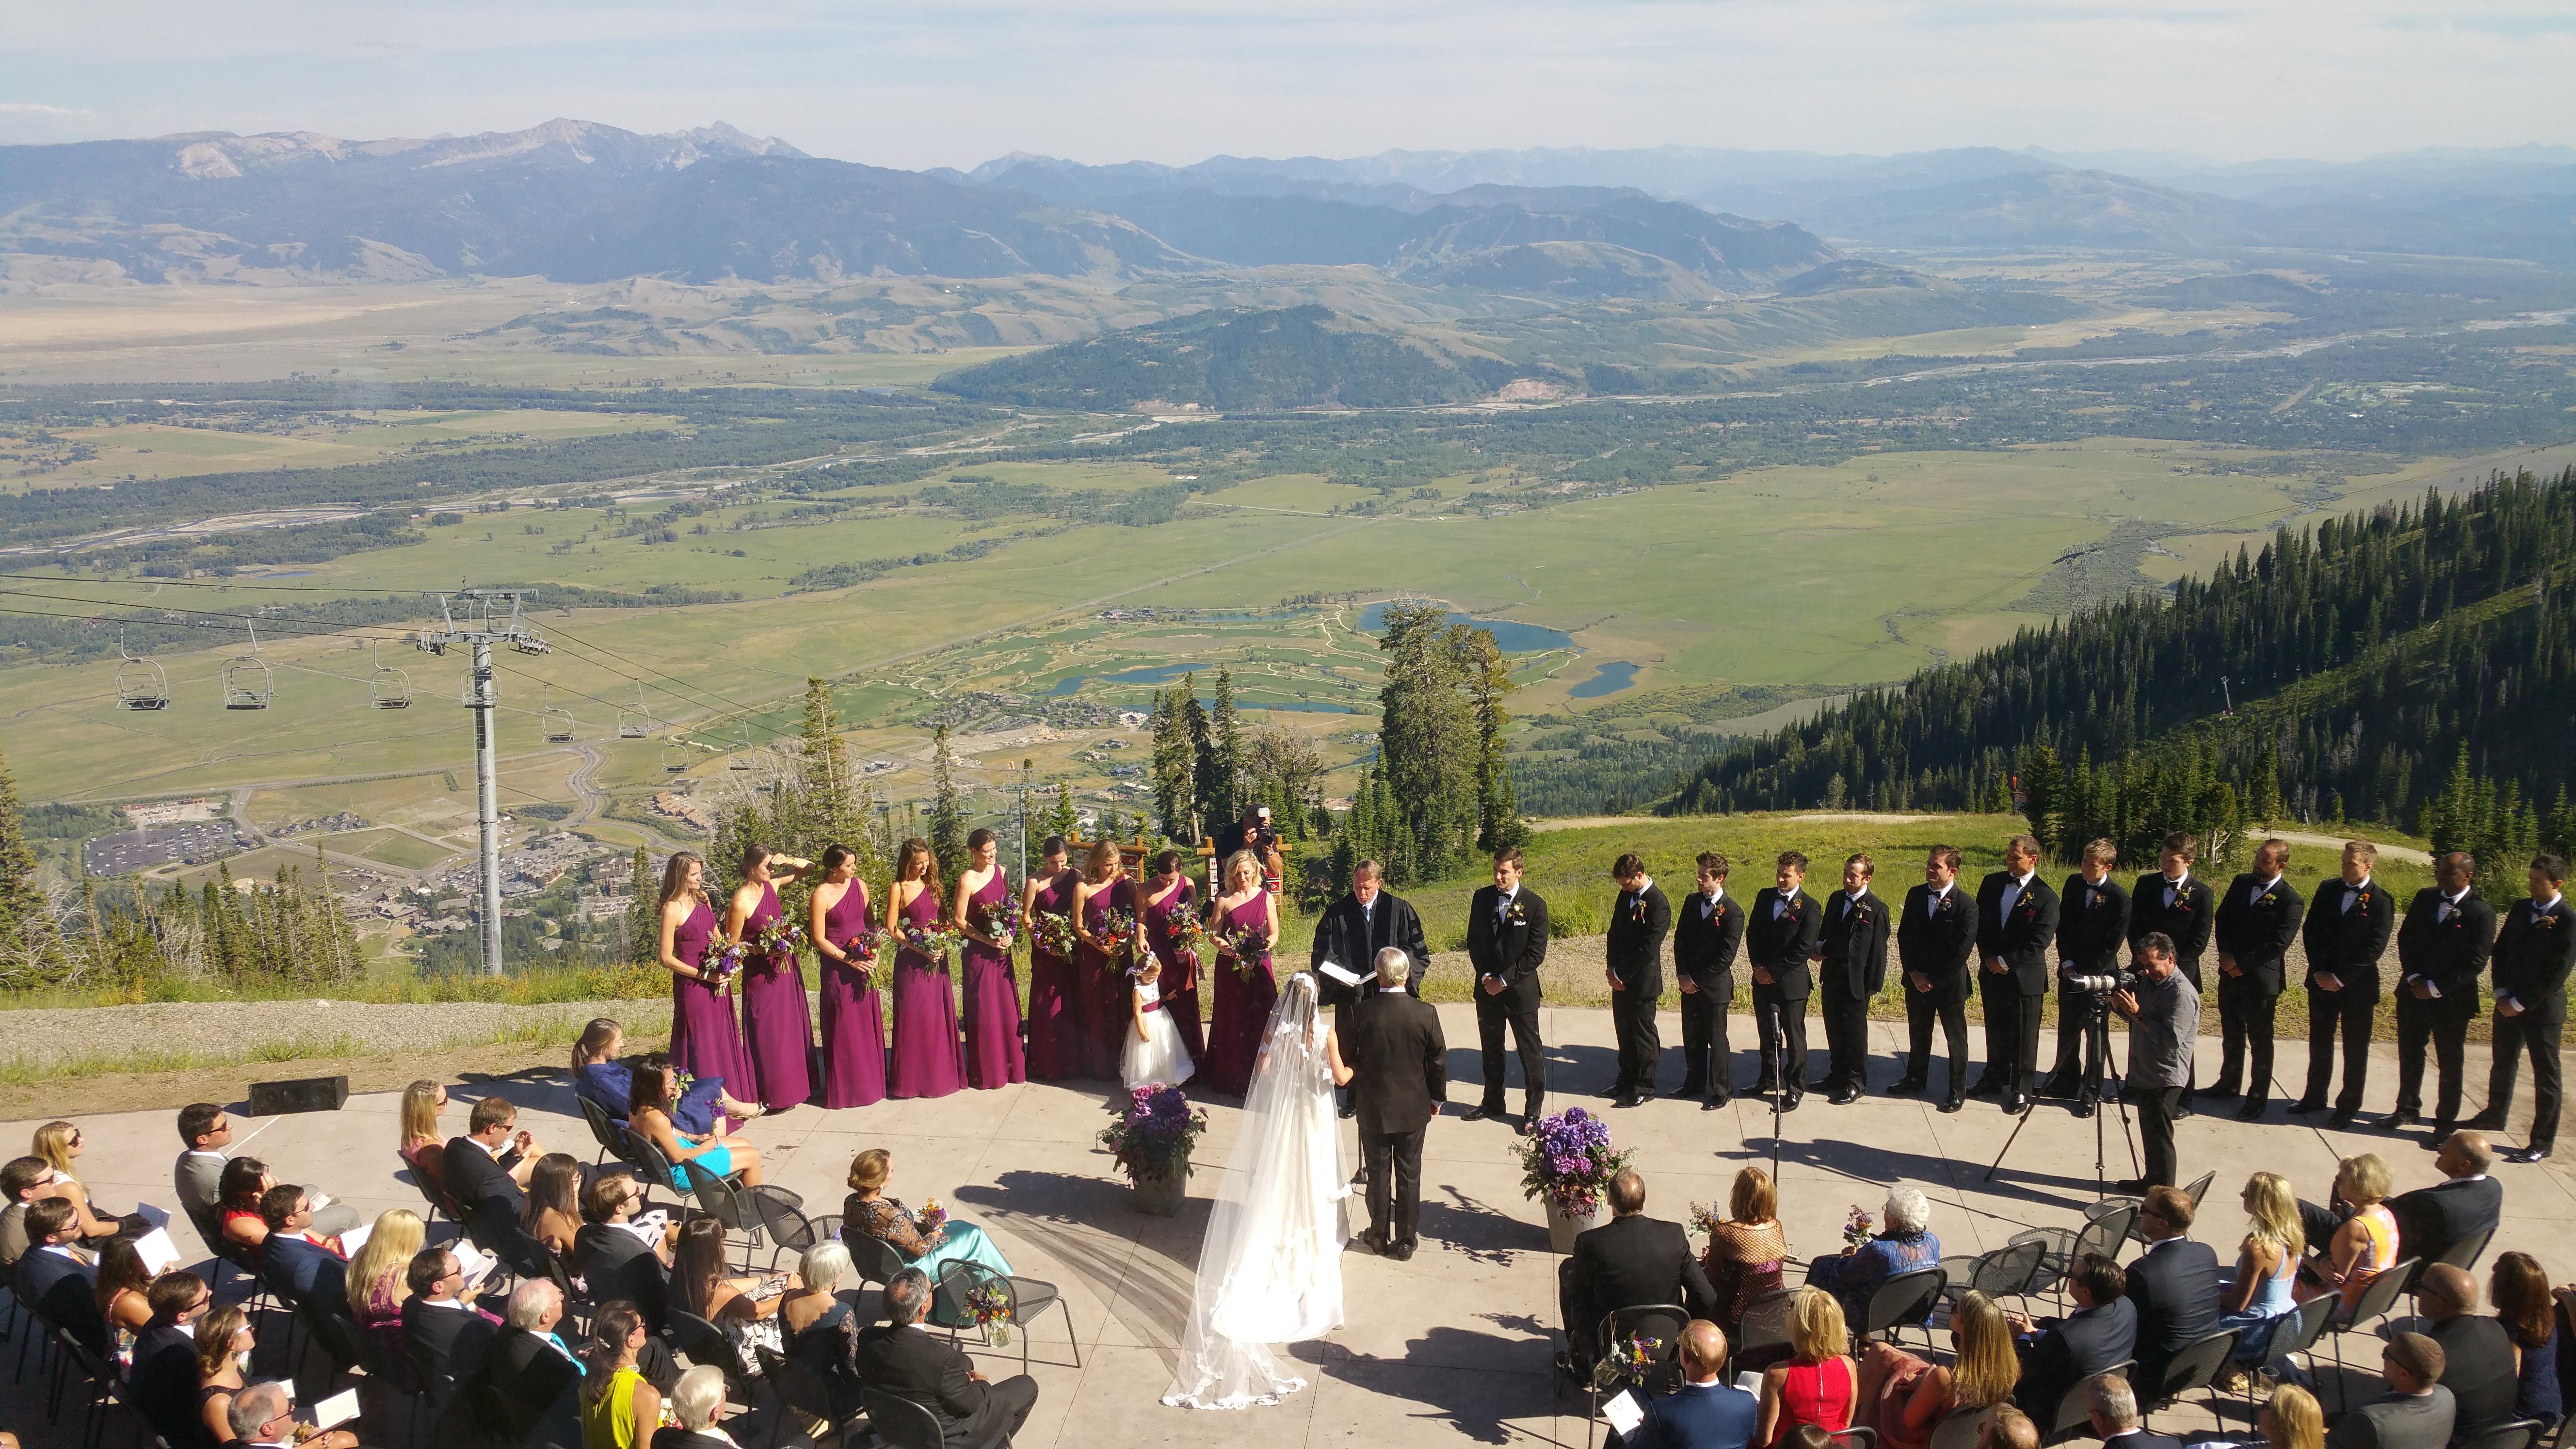 Four seasons jackson hole wedding lawn images